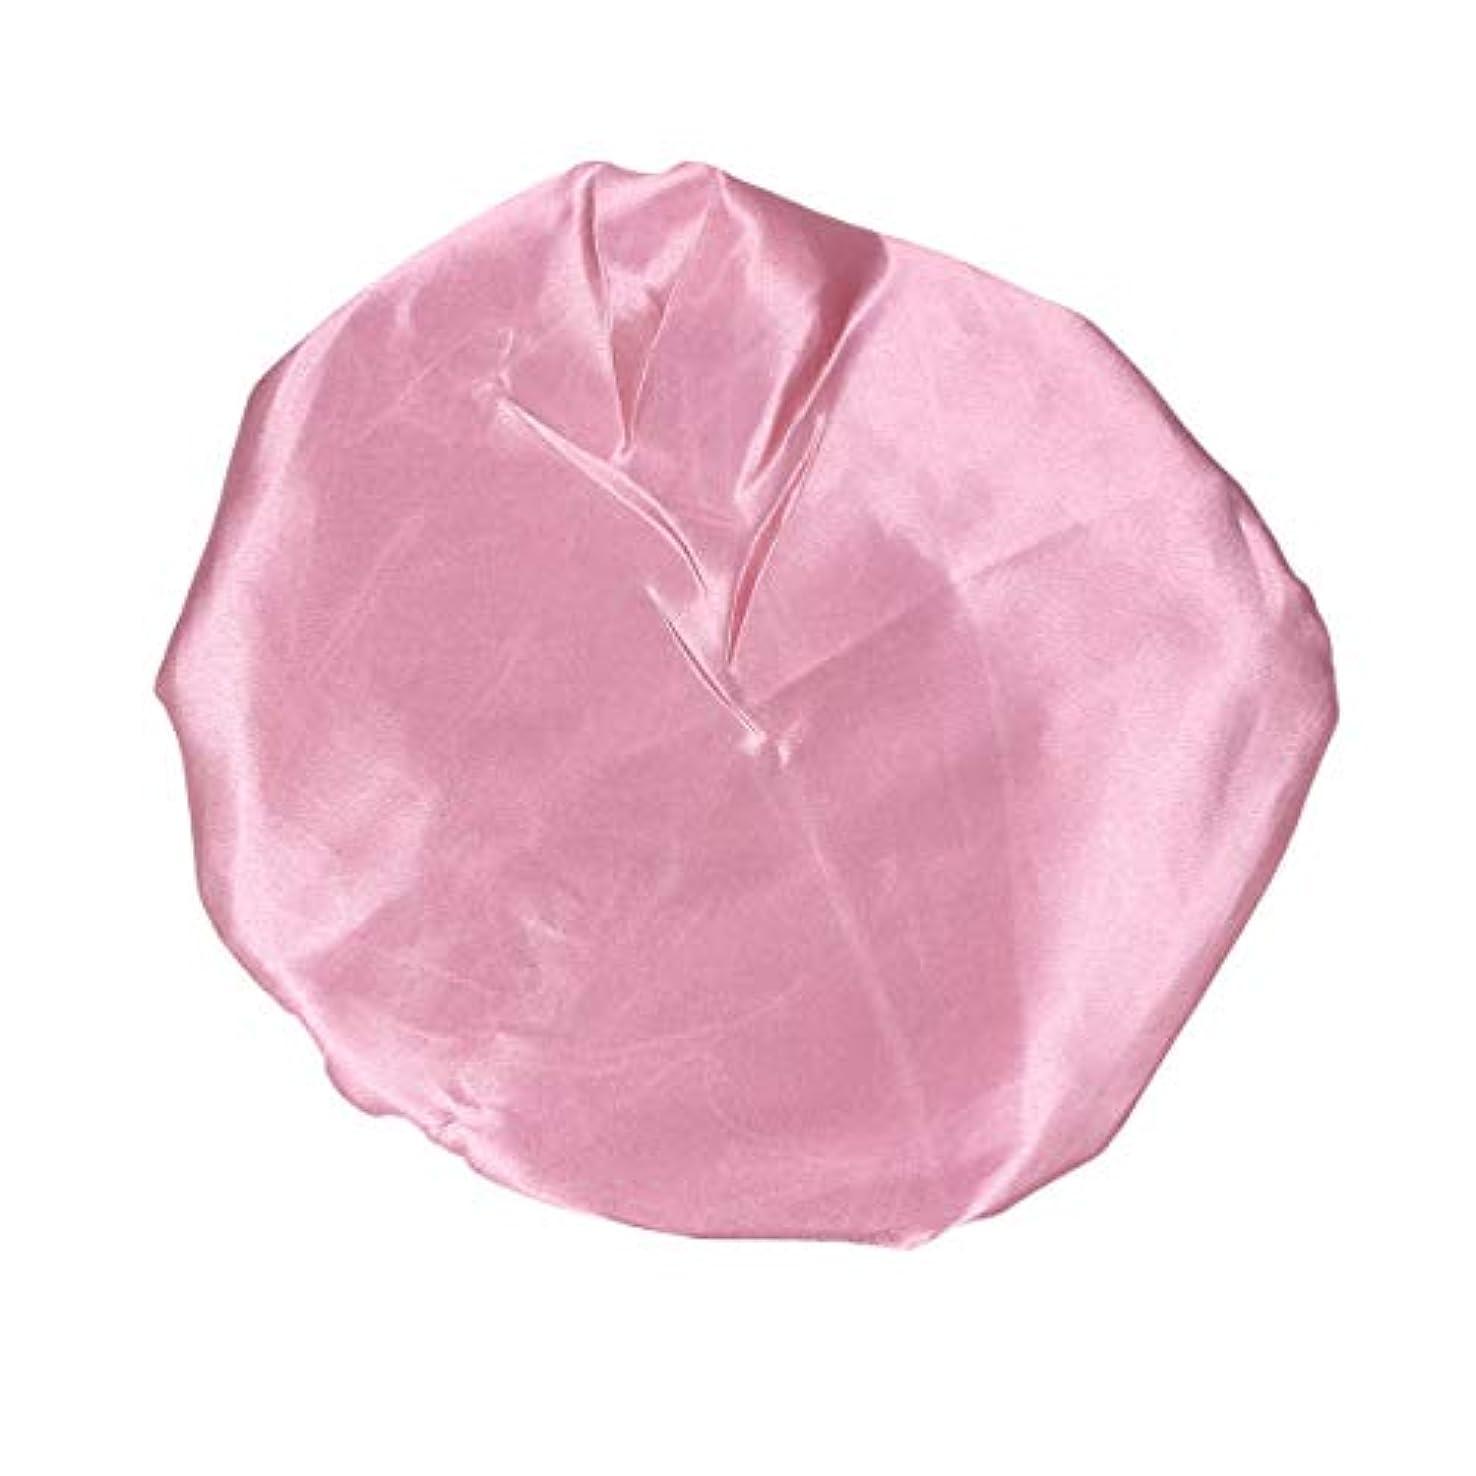 ブランチ子羊協定Amosfun ピンクの女性のための防水弾性シャワーキャップ厚くされた二重層バス帽子